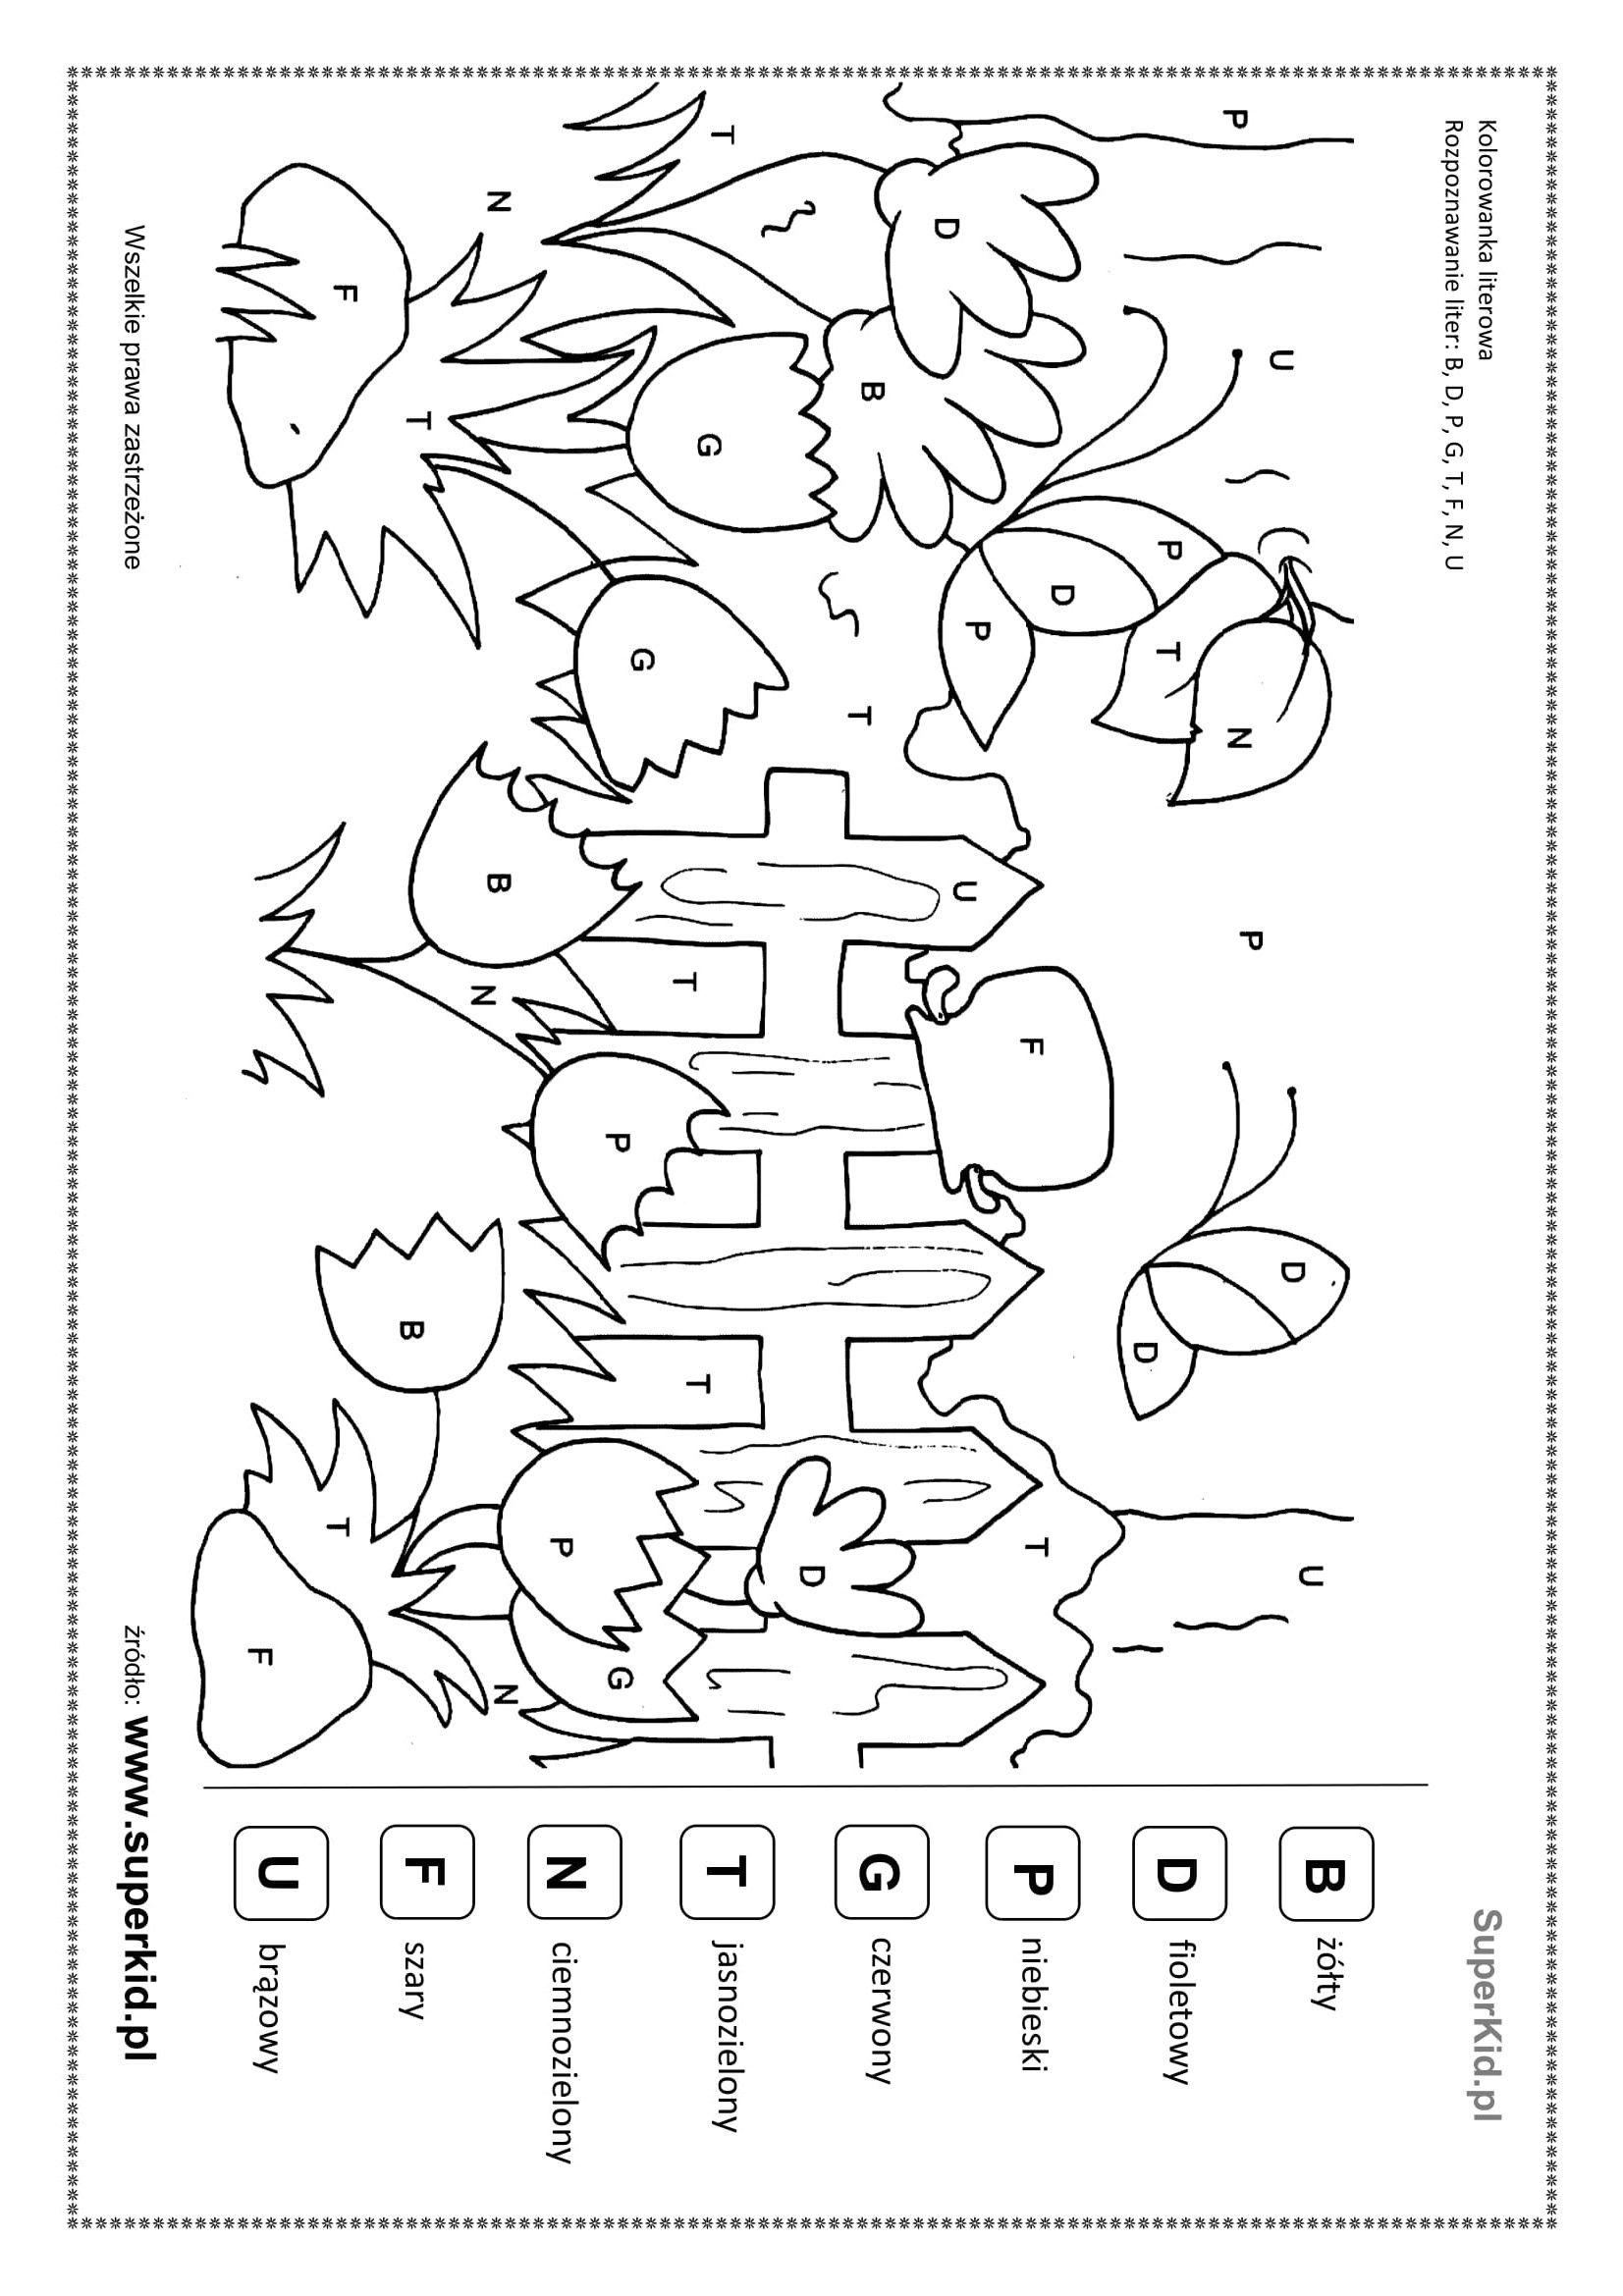 Pin By Gocha On Gocha In 2020 Preschool Math